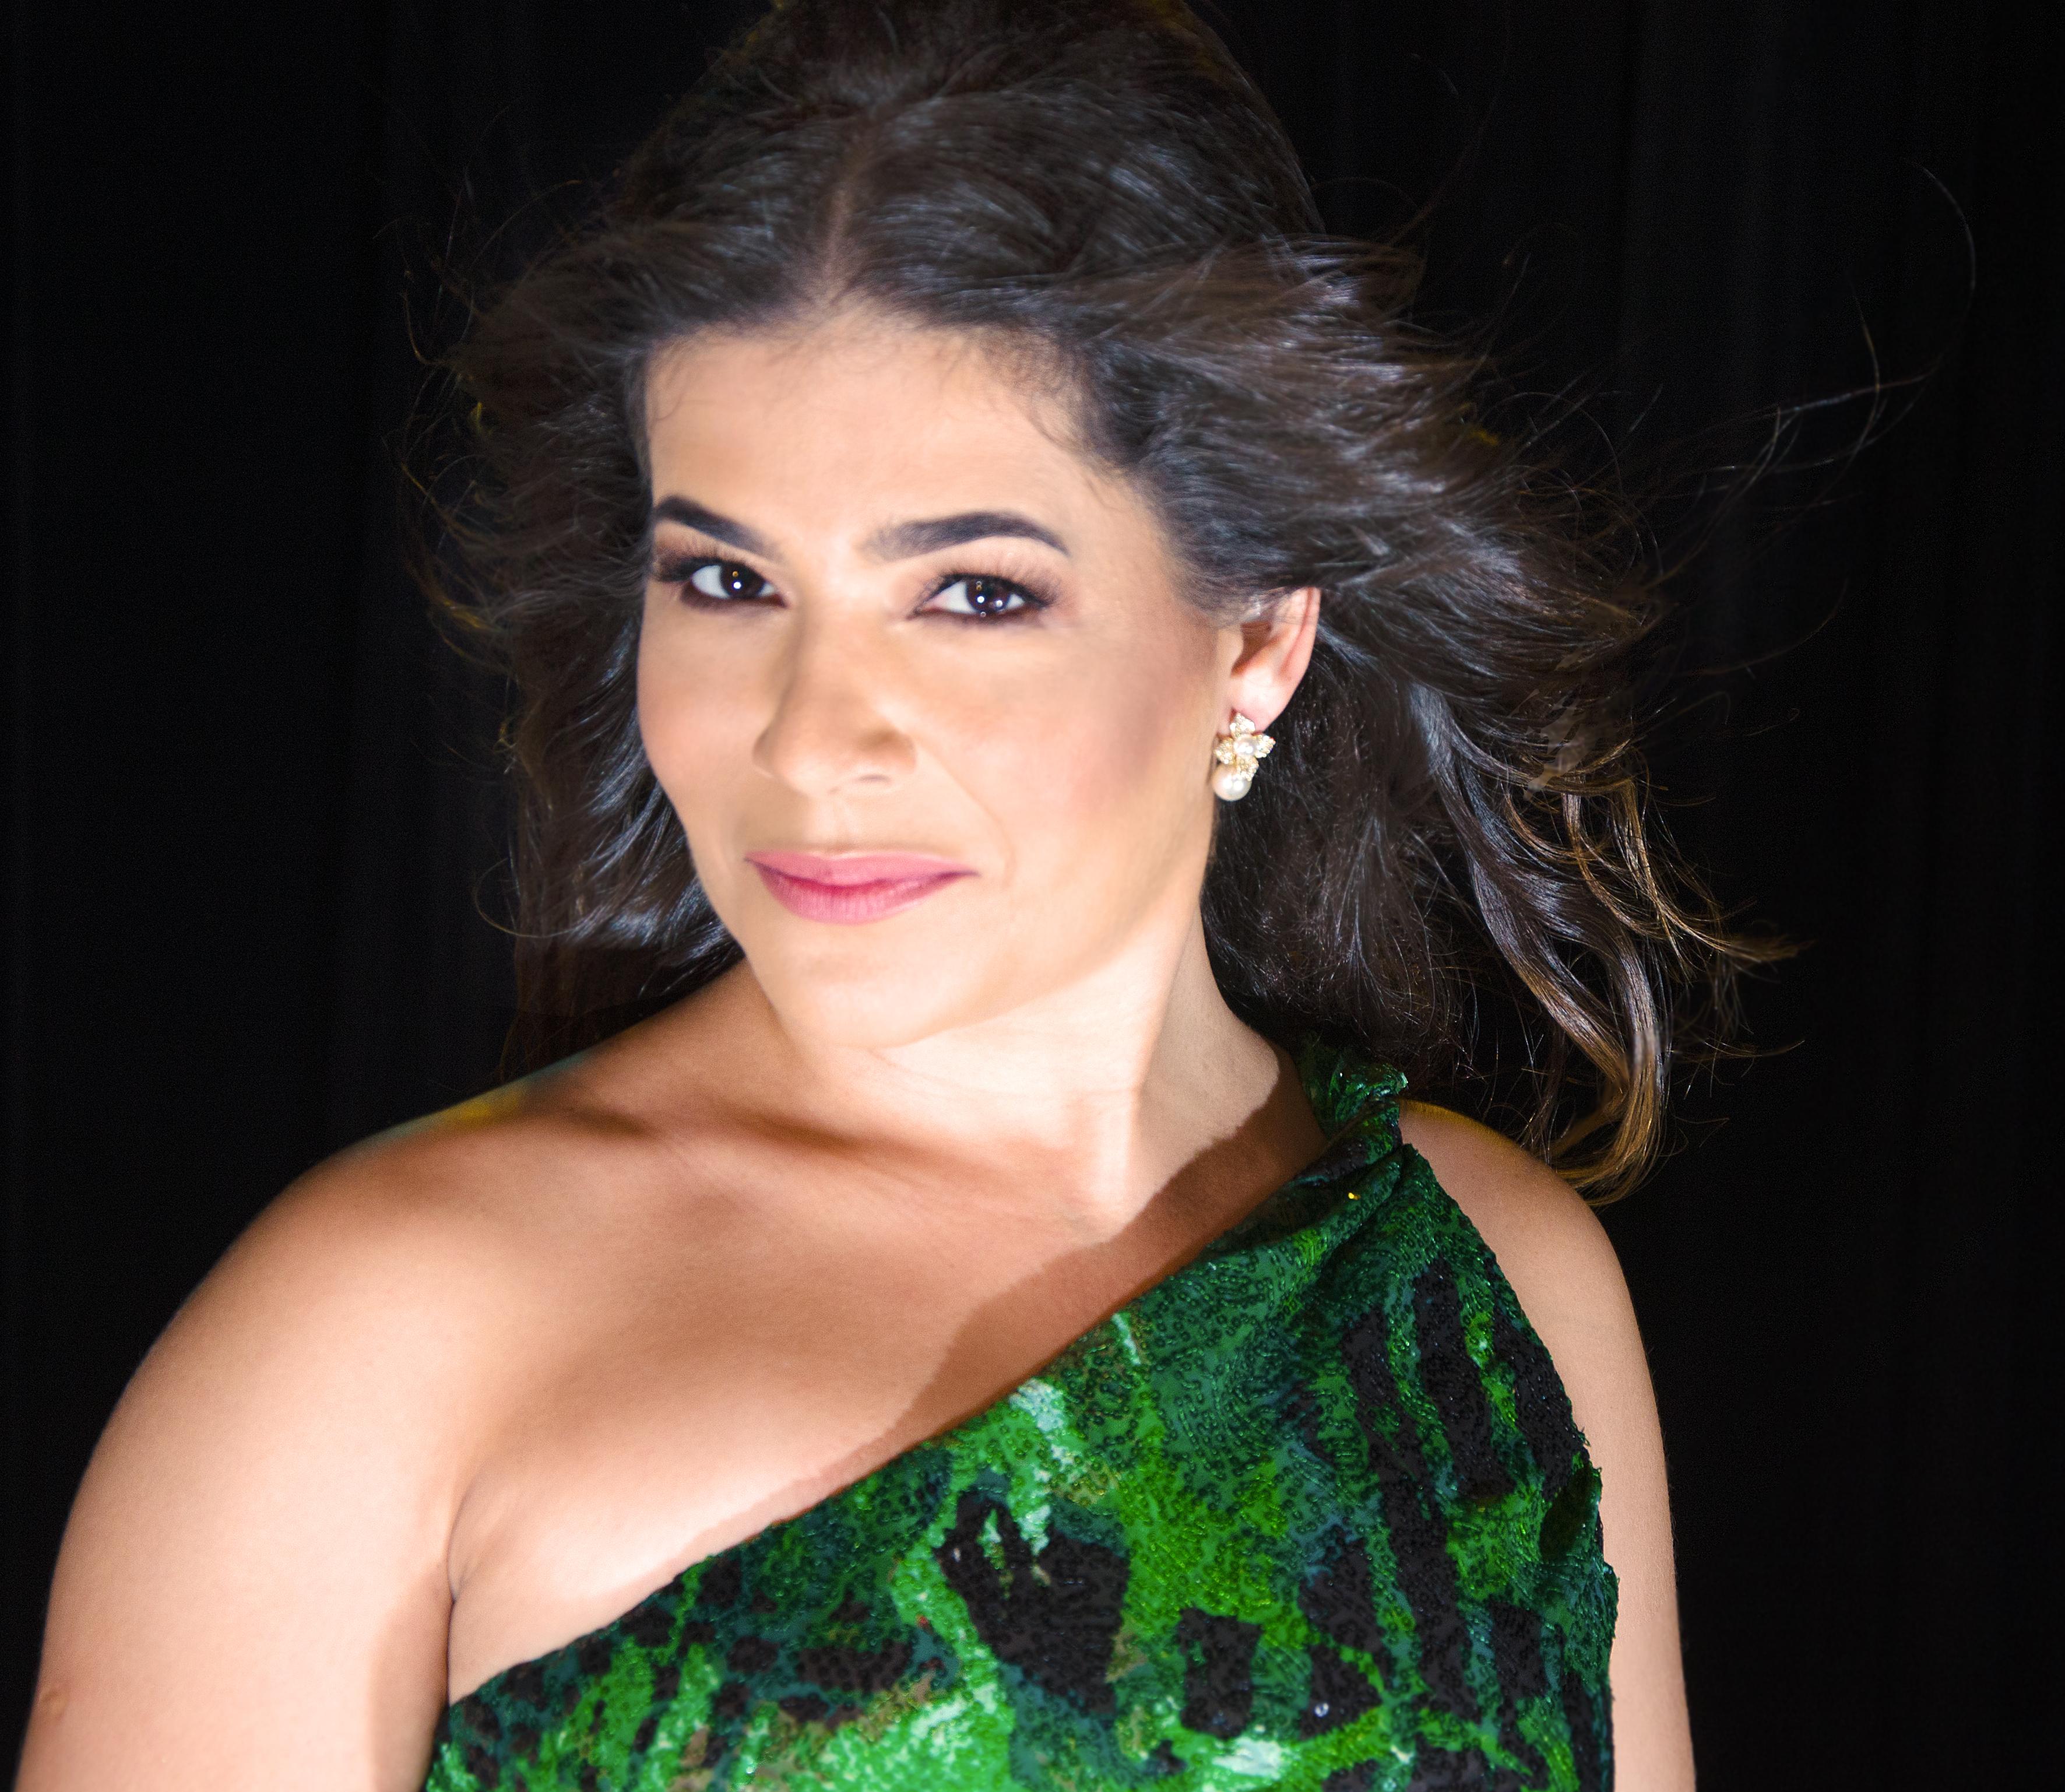 Cantora soprano natalense traz novo espetáculo inspirado em trilha sonora de filmes